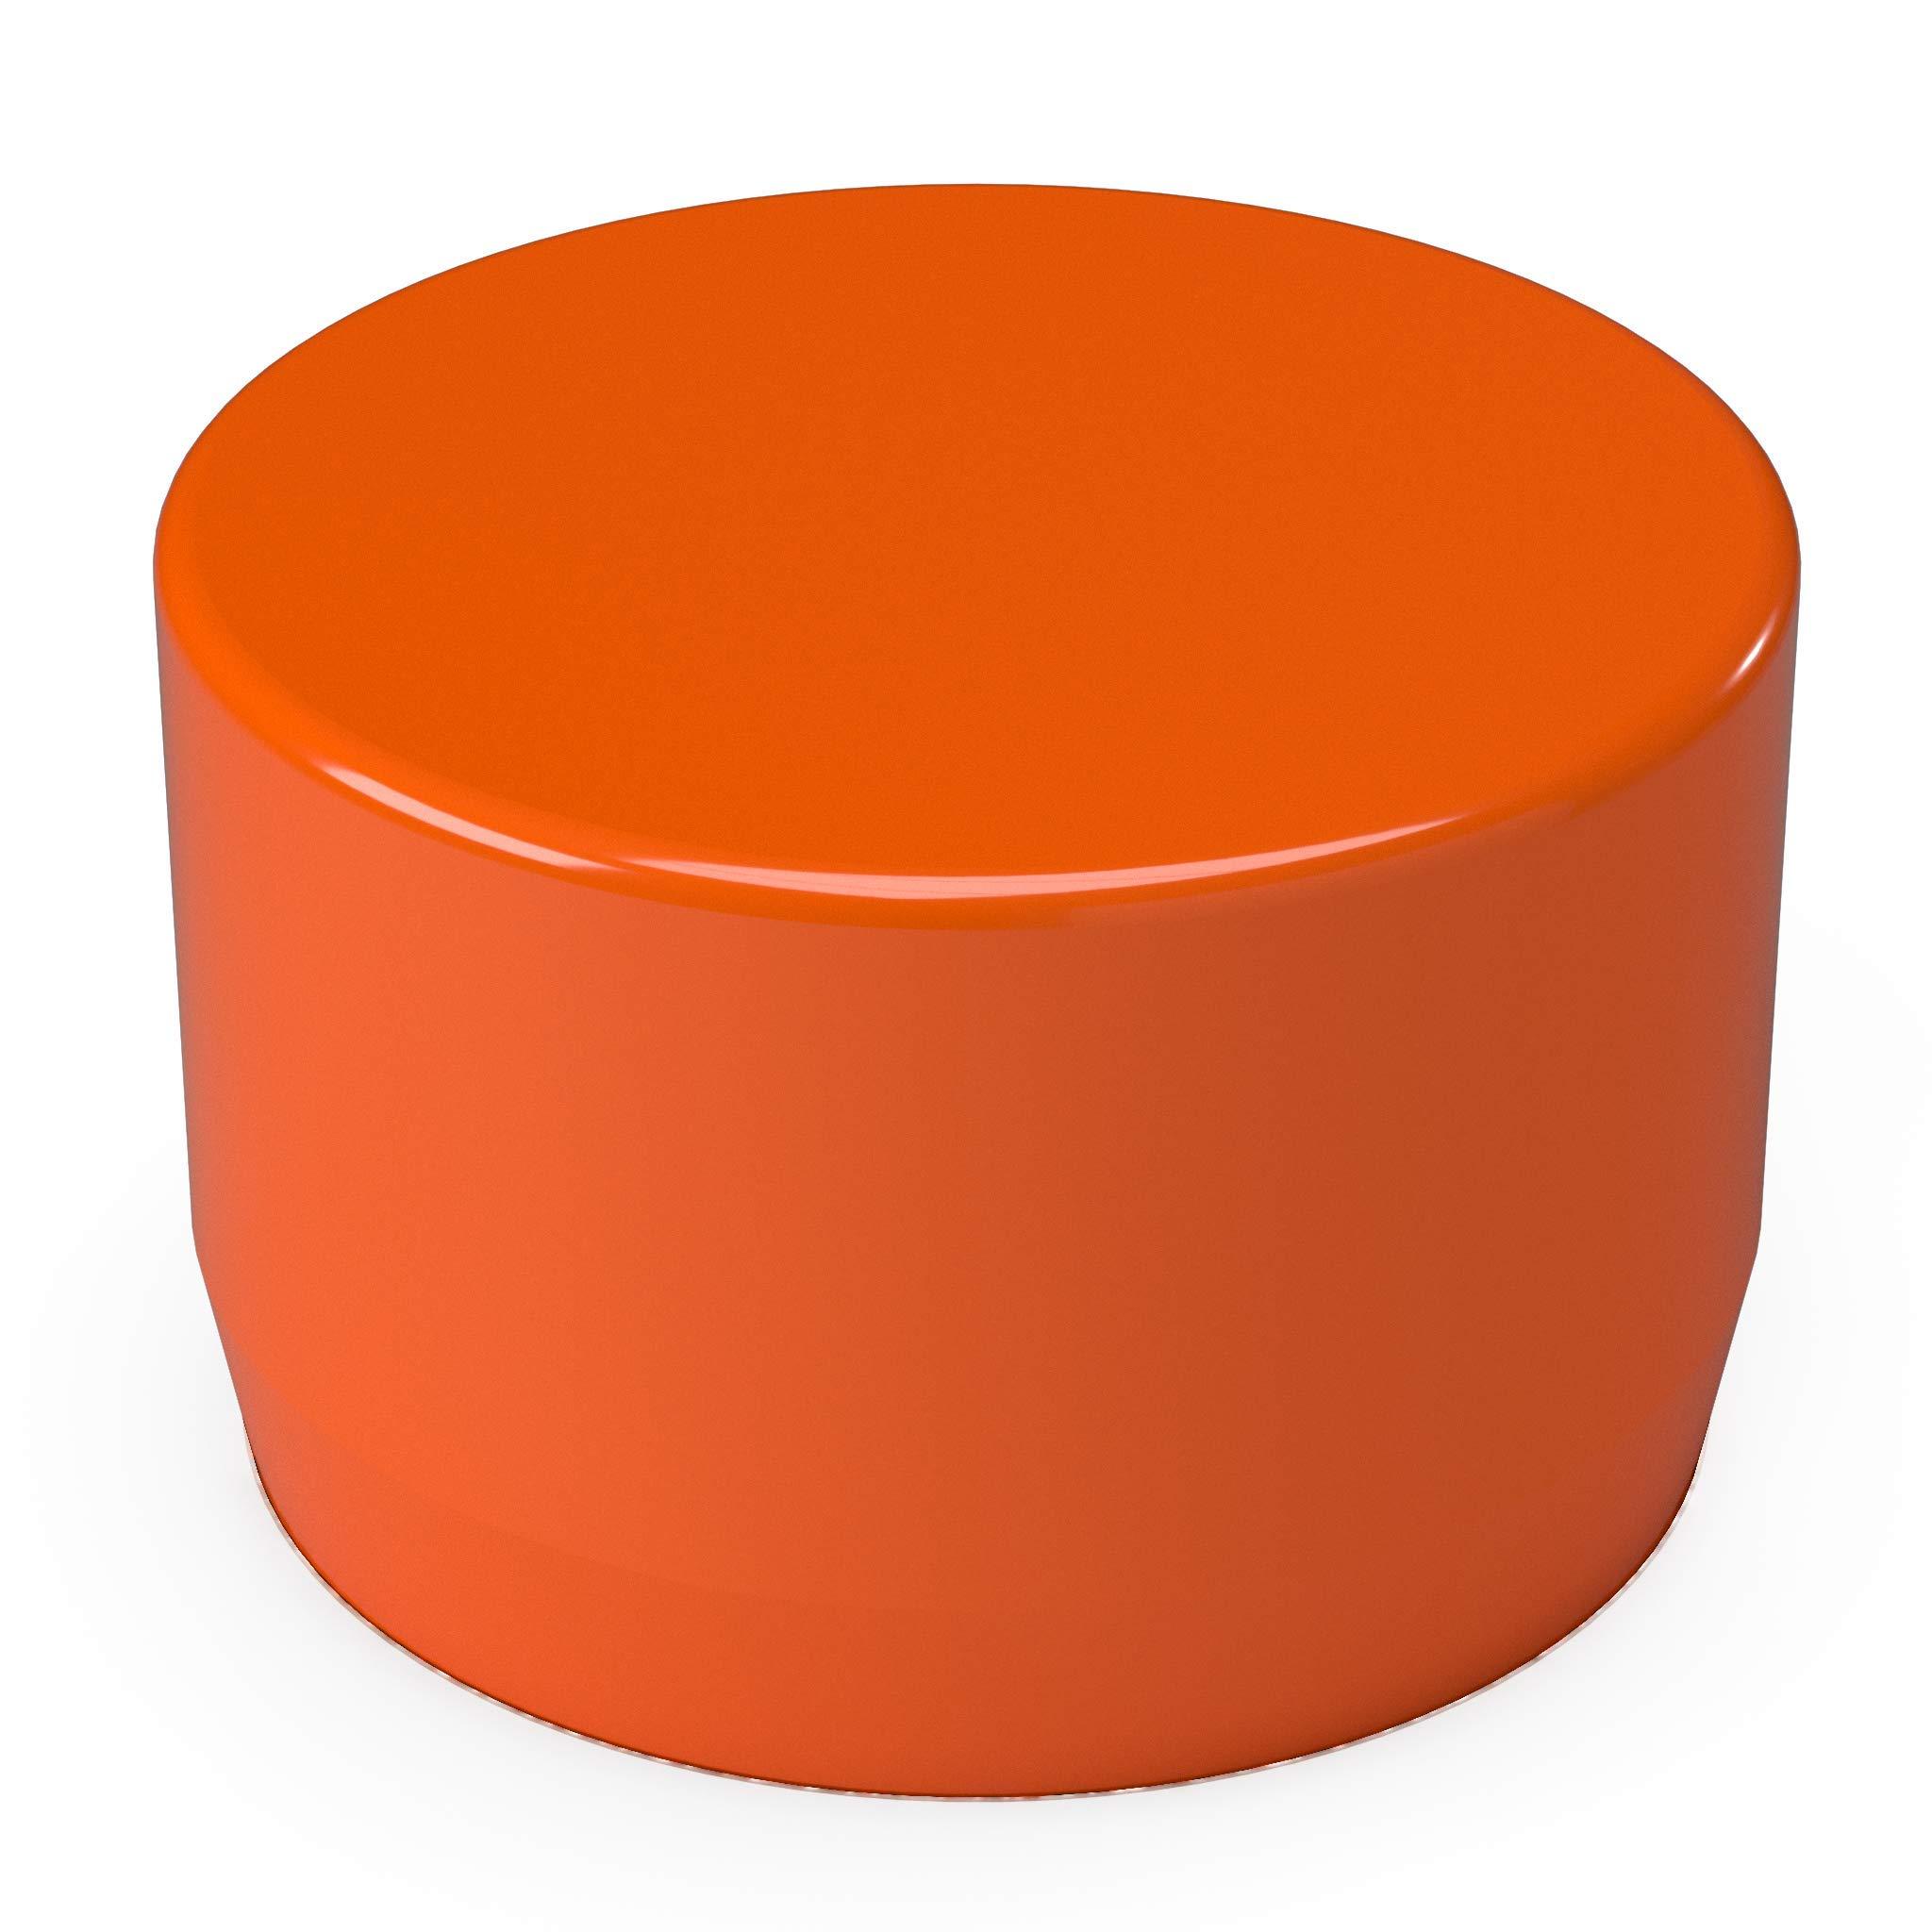 FORMUFIT F001EEC-OR-10 PVC External End Cap, Furniture Grade, 1'' Size, Orange (Pack of 10)